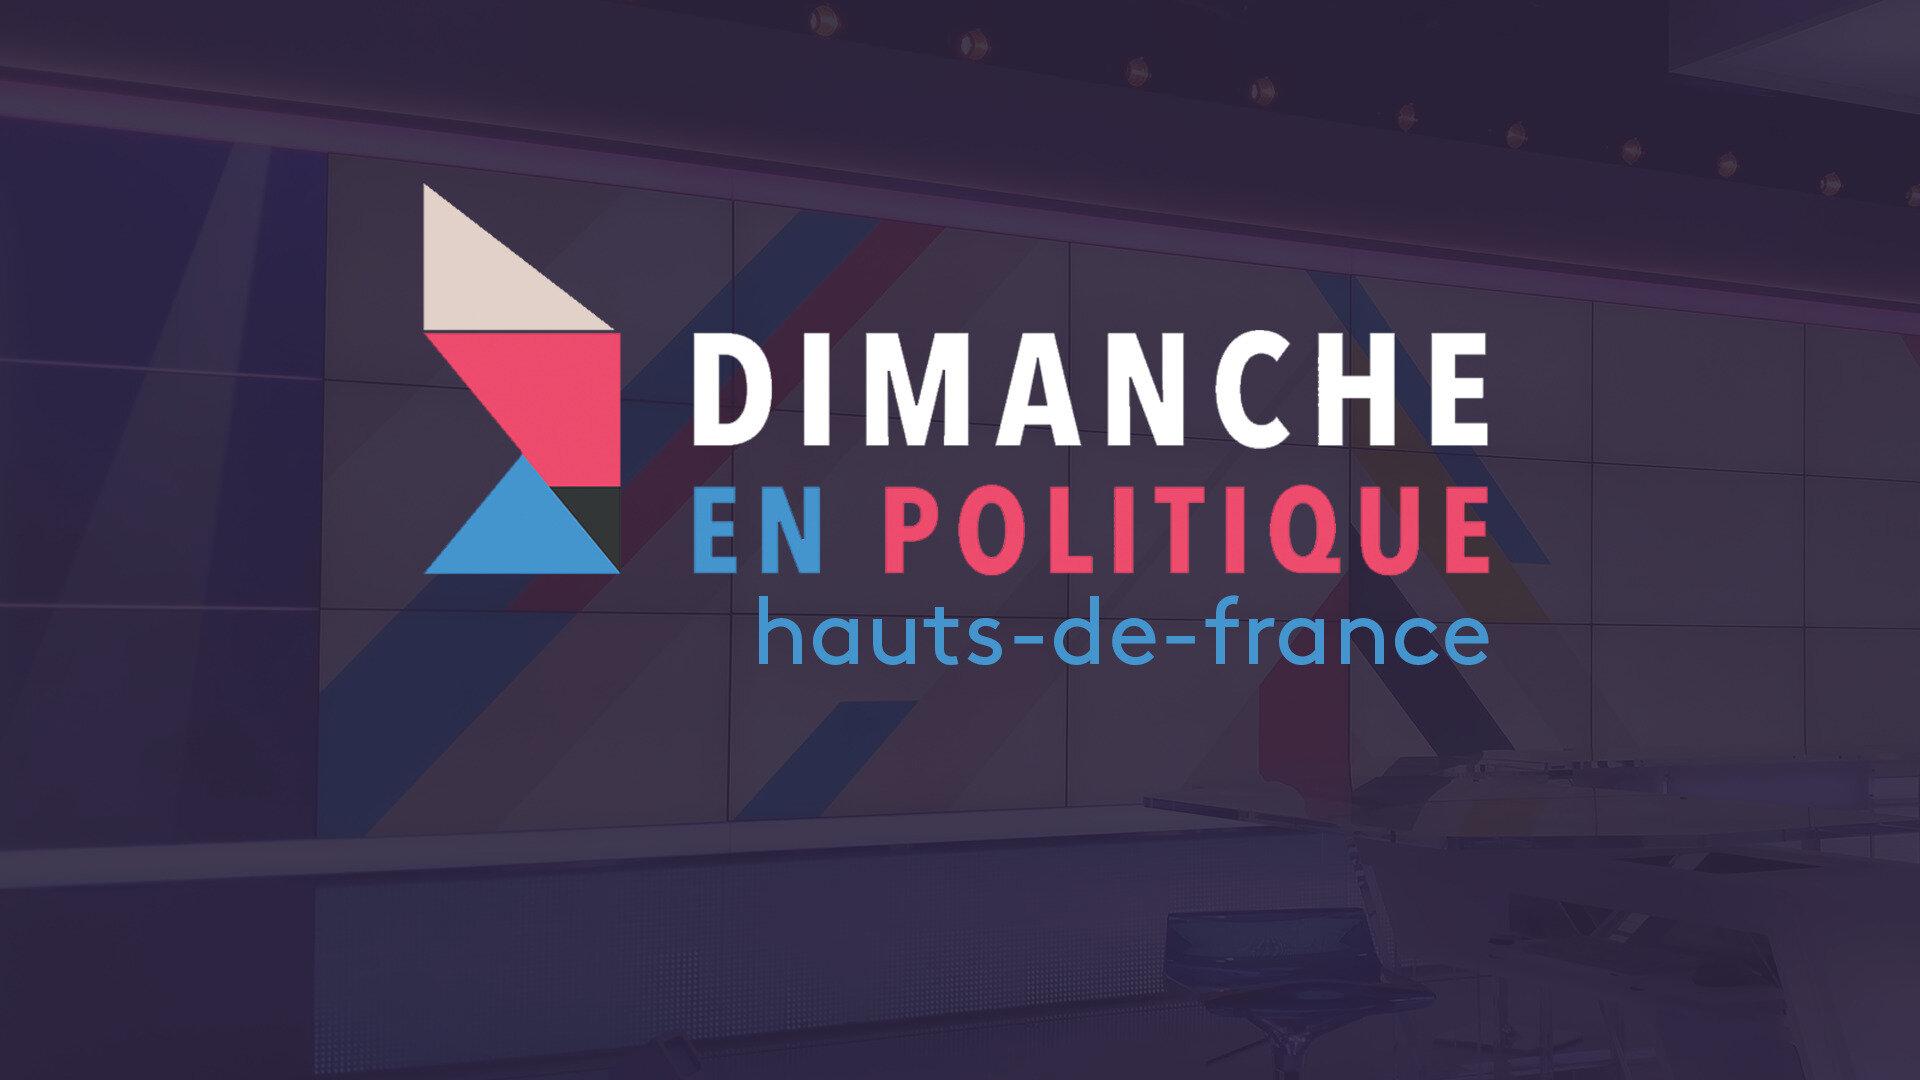 Dimanche en politique - Hauts-de-France : L'éducation à travers la crise sanitaire